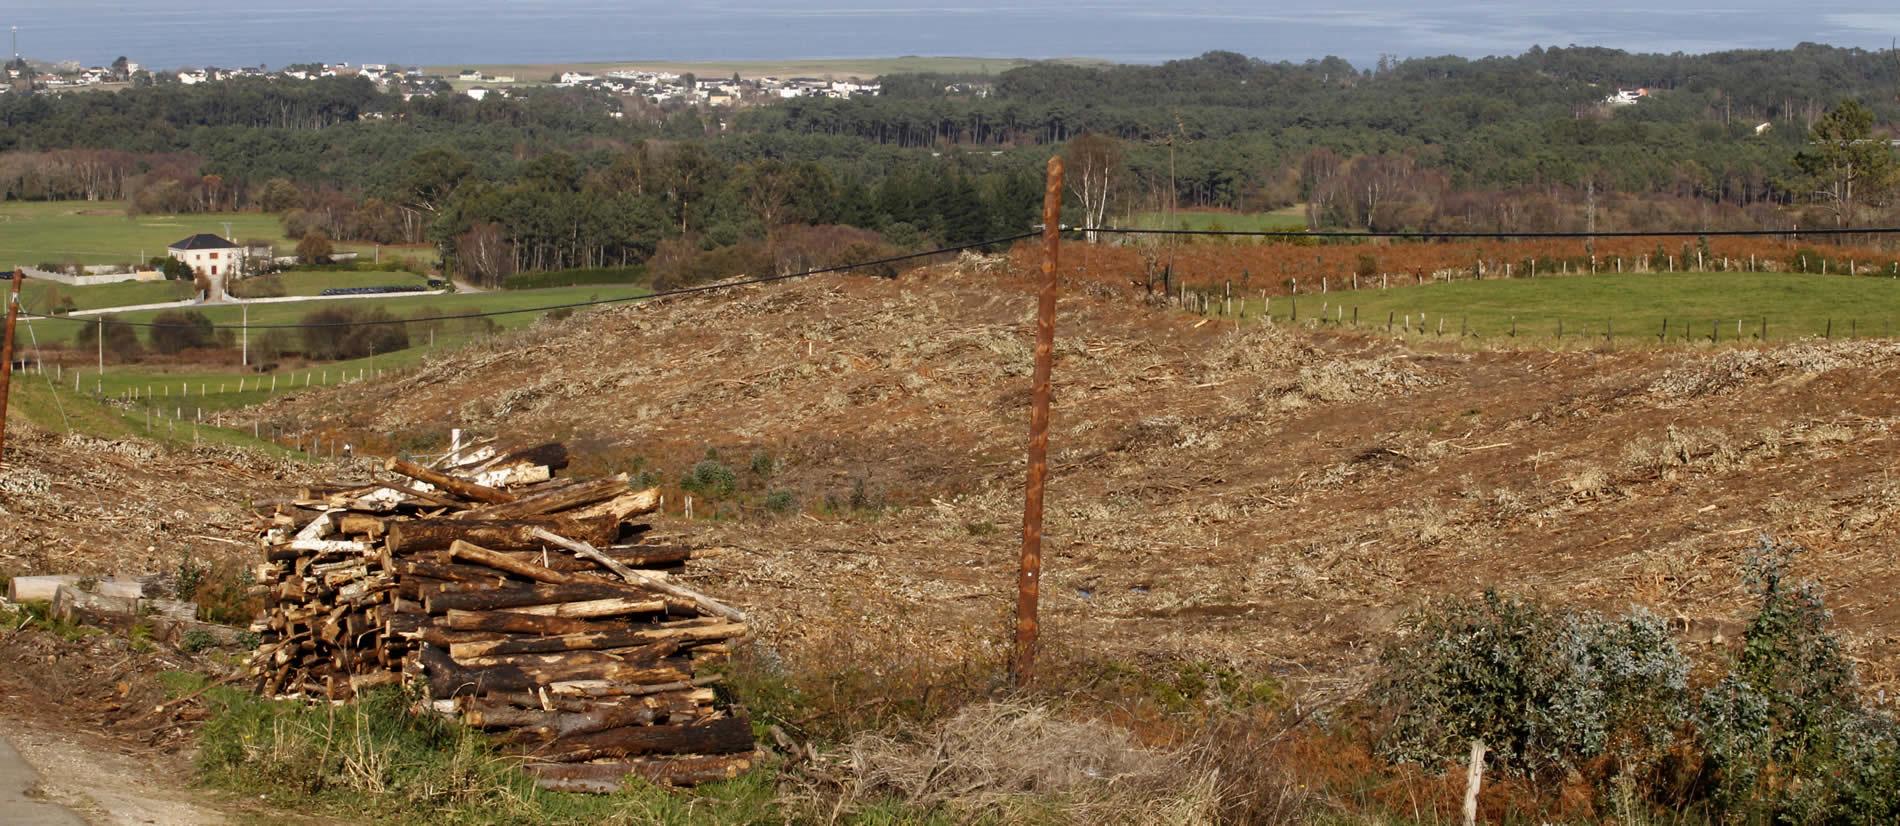 Acumulación de madera tras las talas de los árboles afectados por los incendios